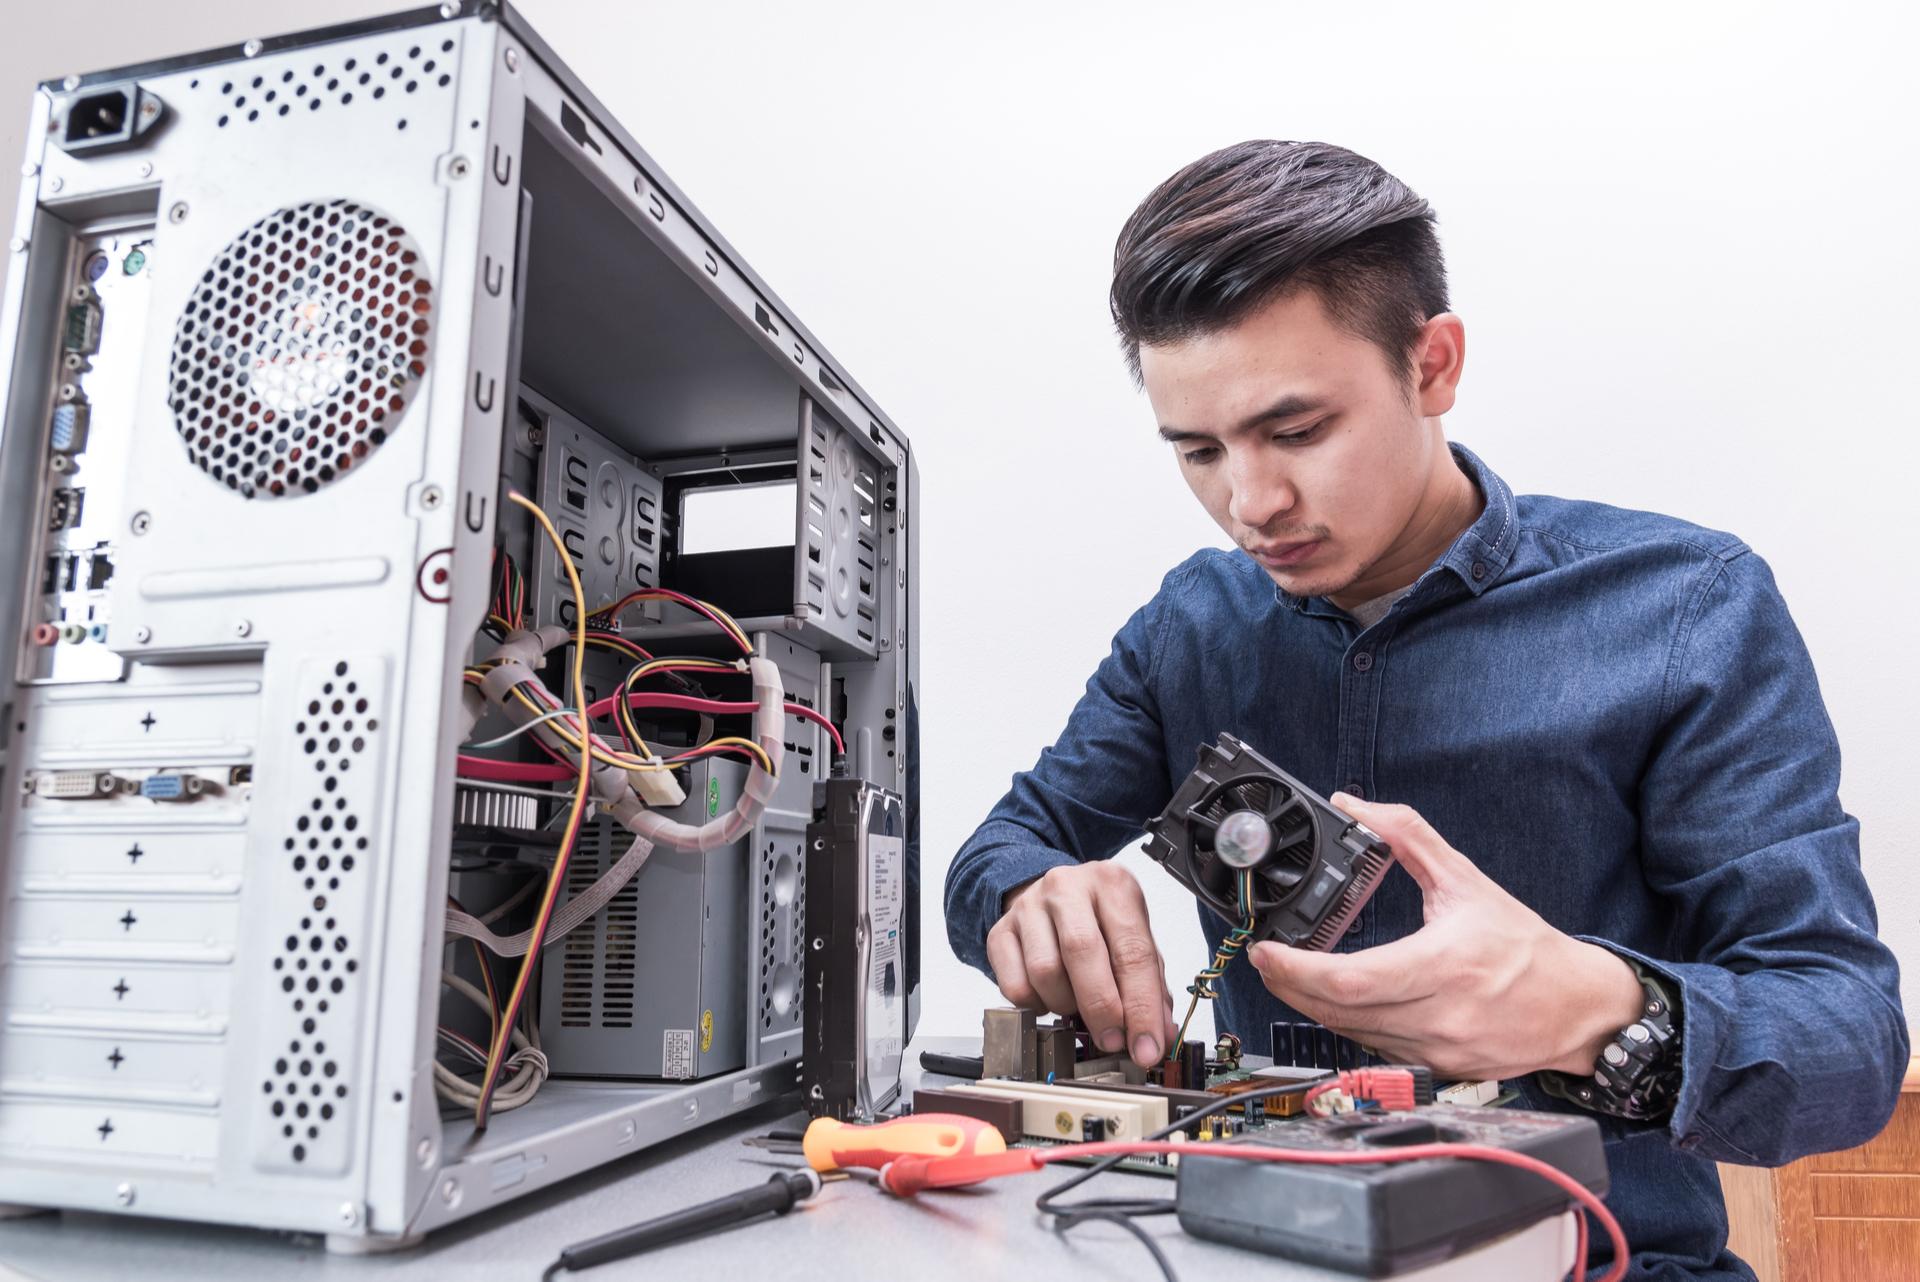 computer repair technicians